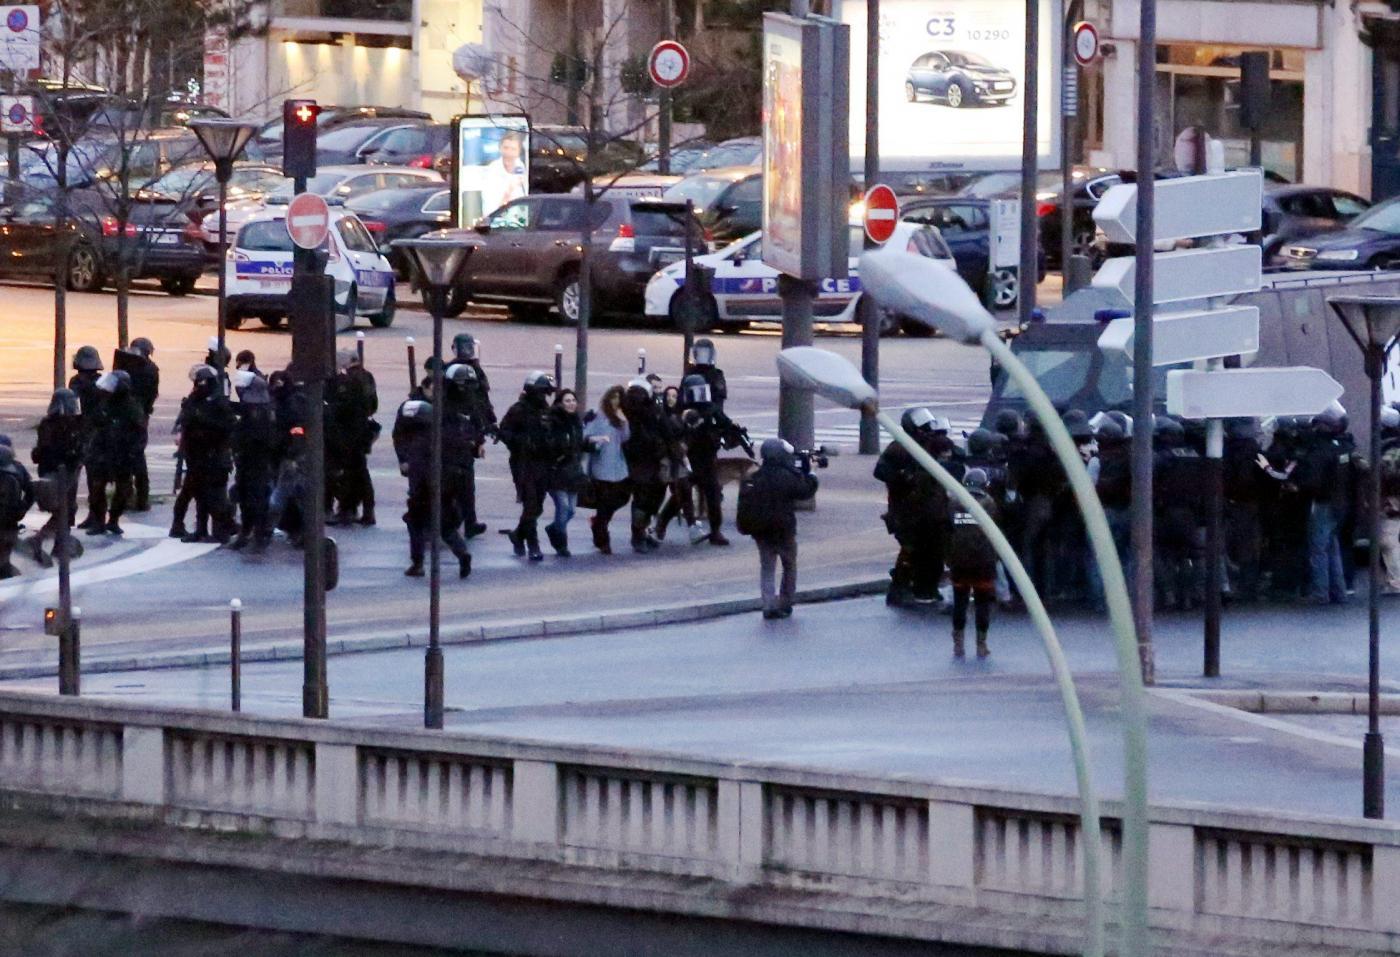 Sparatoria a Parigi: ucciso il killer di Montrouge, 4 ostaggi morti